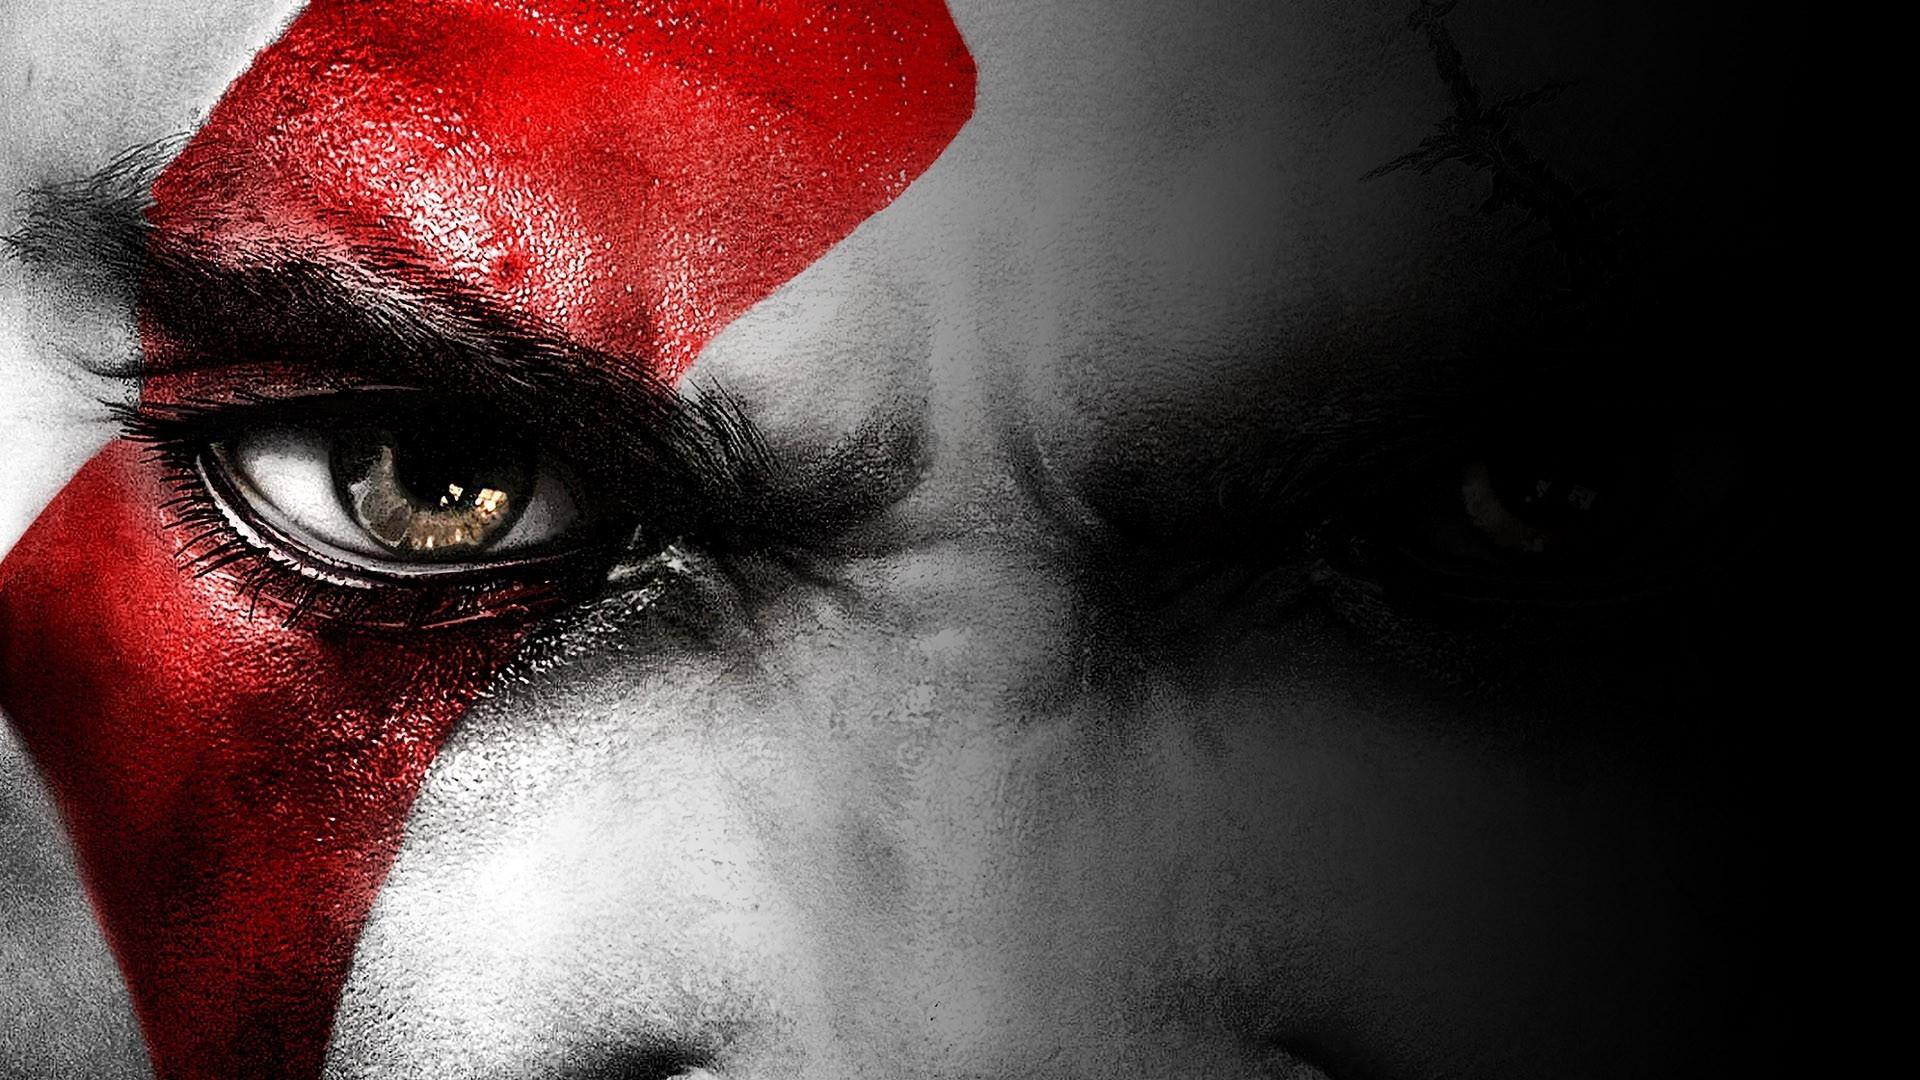 Kratos God Of War Wallpapers Group 1920ã—1080 Kratos - Ultra Hd God Of War 4 - HD Wallpaper